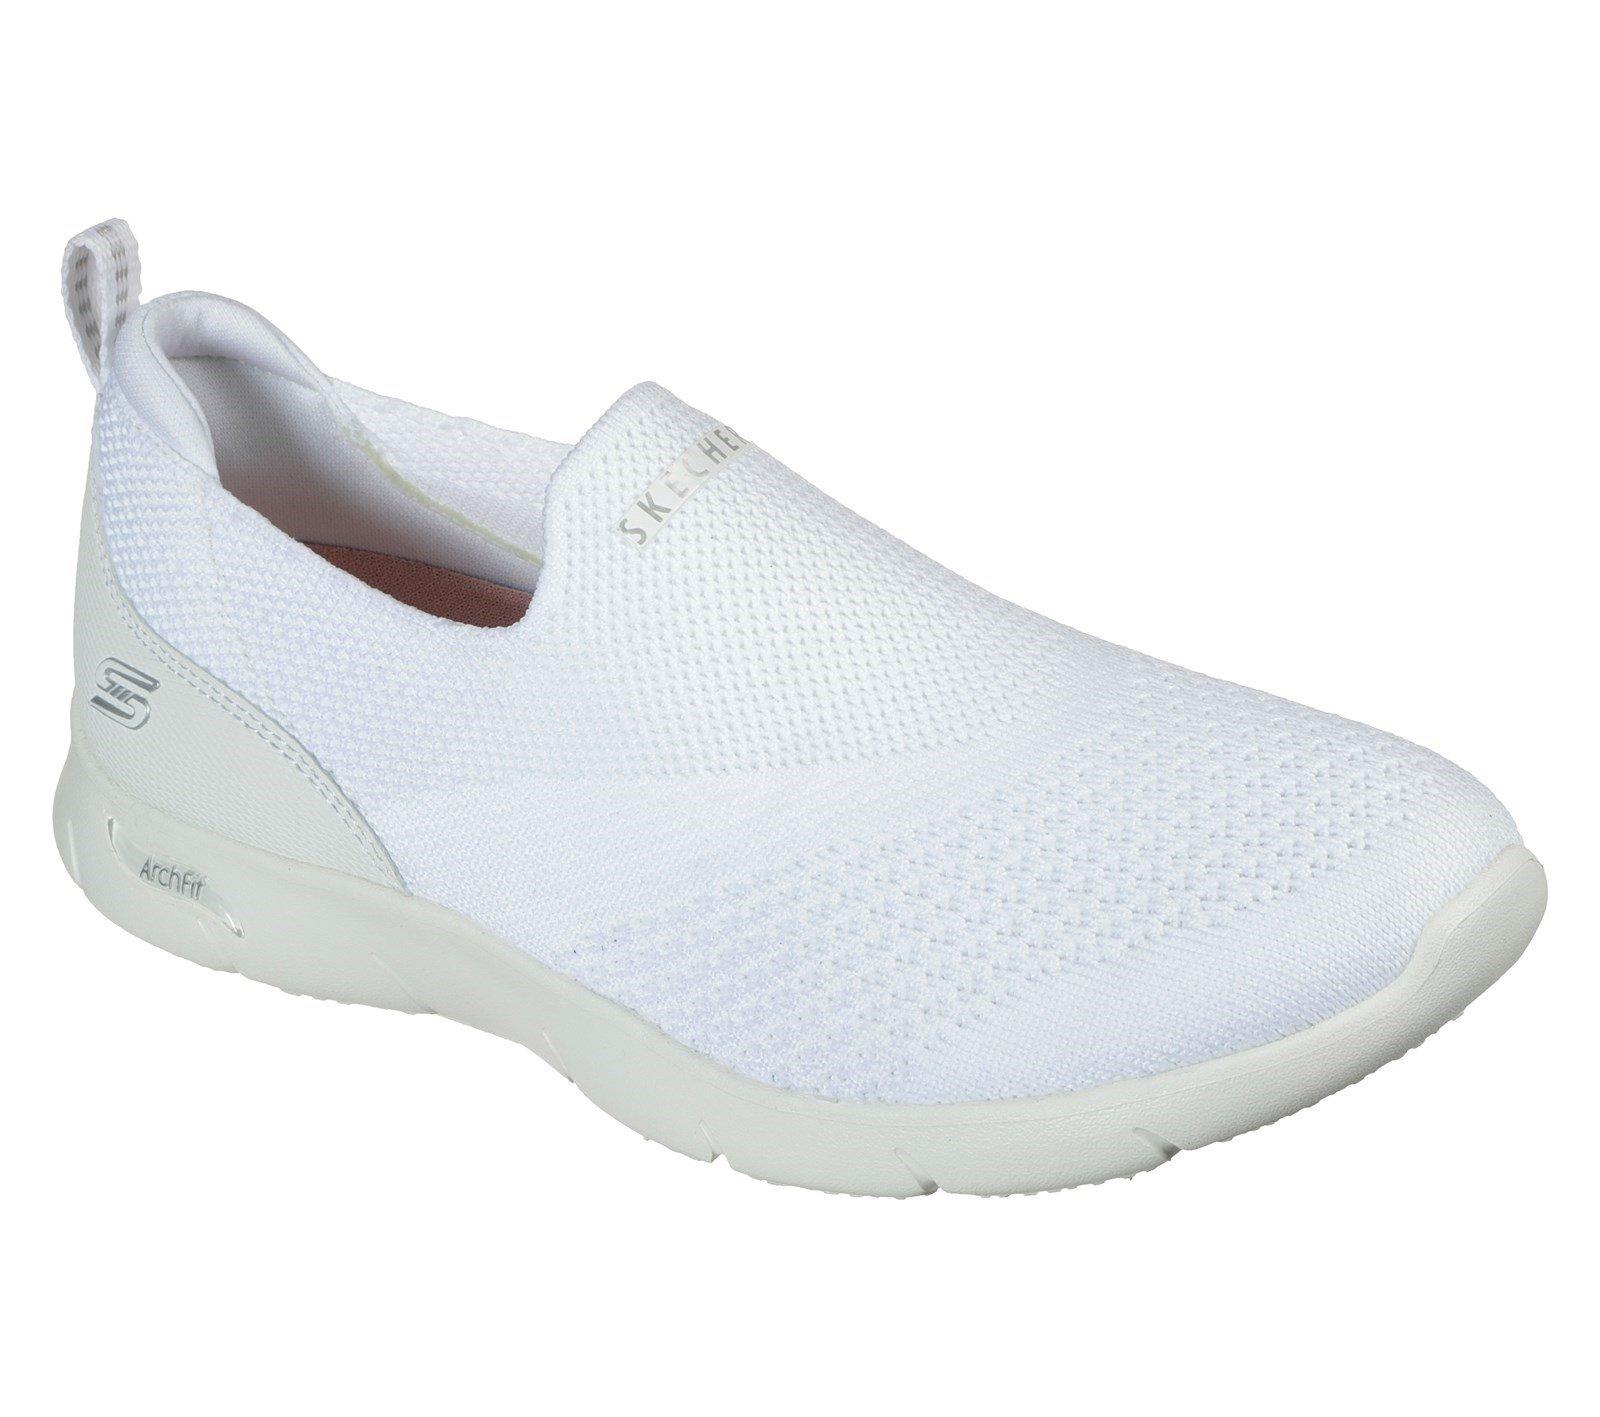 Skechers Women's Arch Fit Refine Trainer White 32720 - White 6